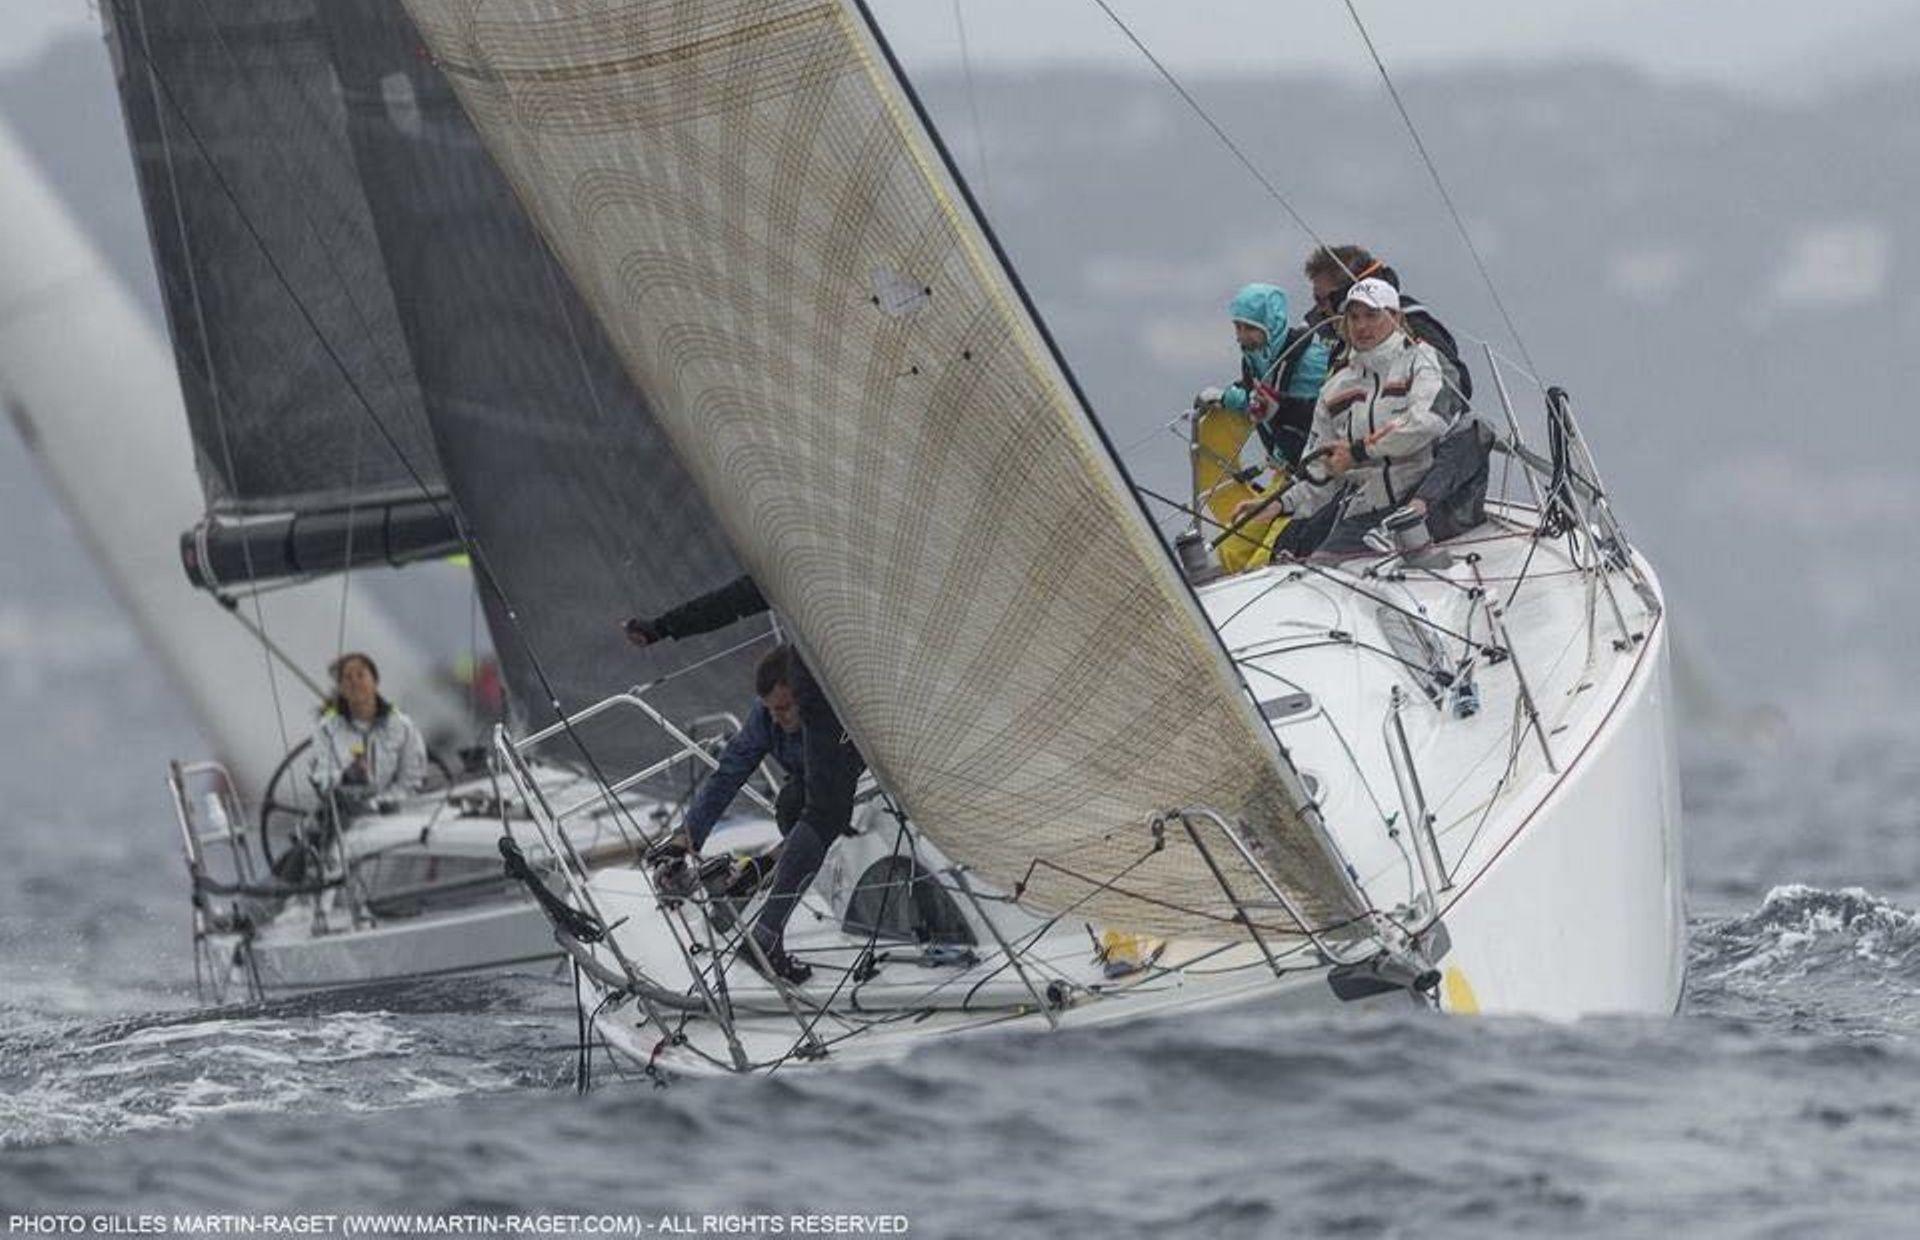 https://media.insailing.com/boat/archambault/image_1568380759728.jpg